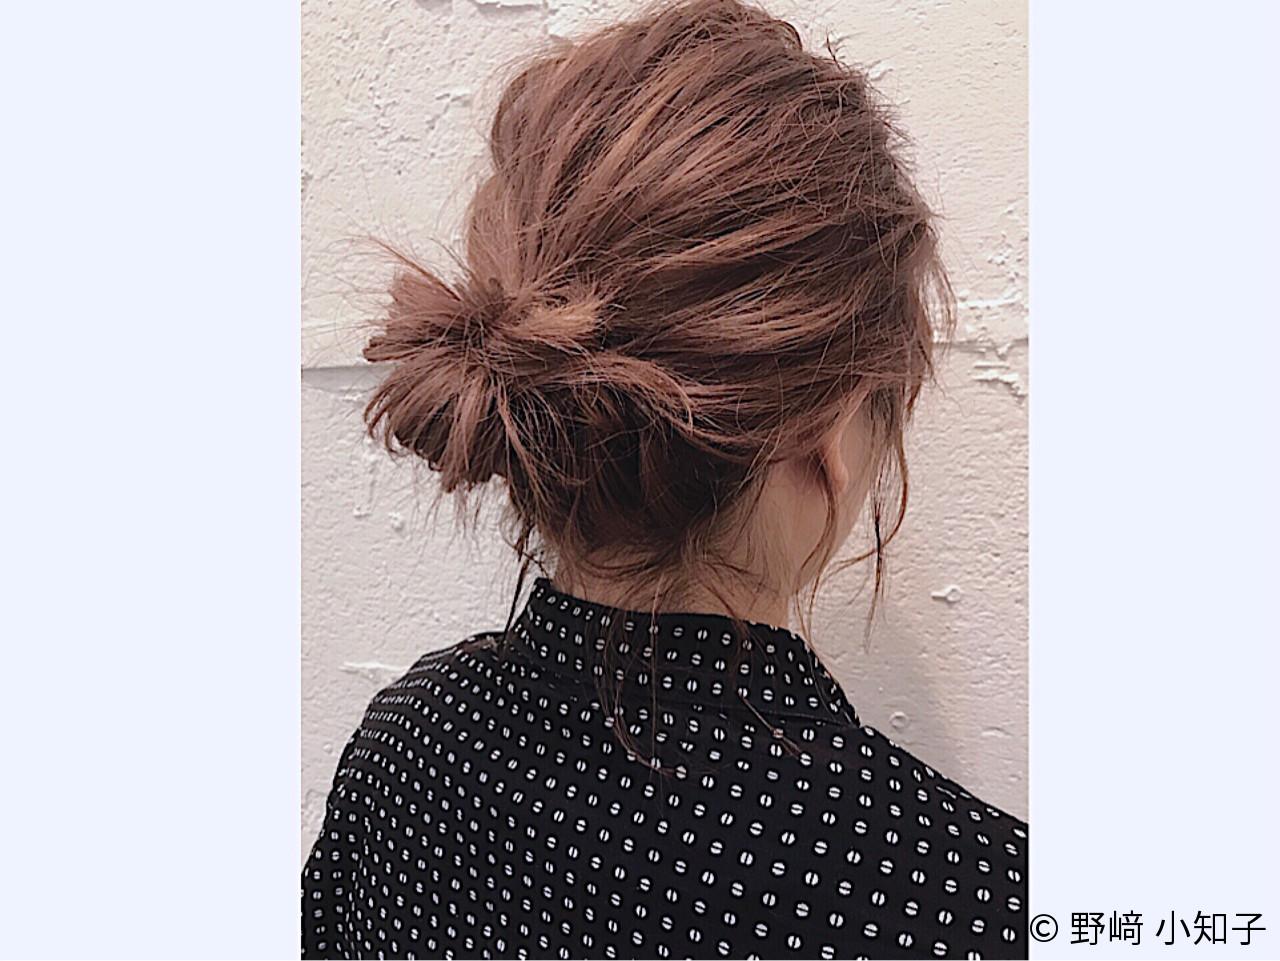 ヘアアレンジ ショート お団子 伸ばしかけ ヘアスタイルや髪型の写真・画像